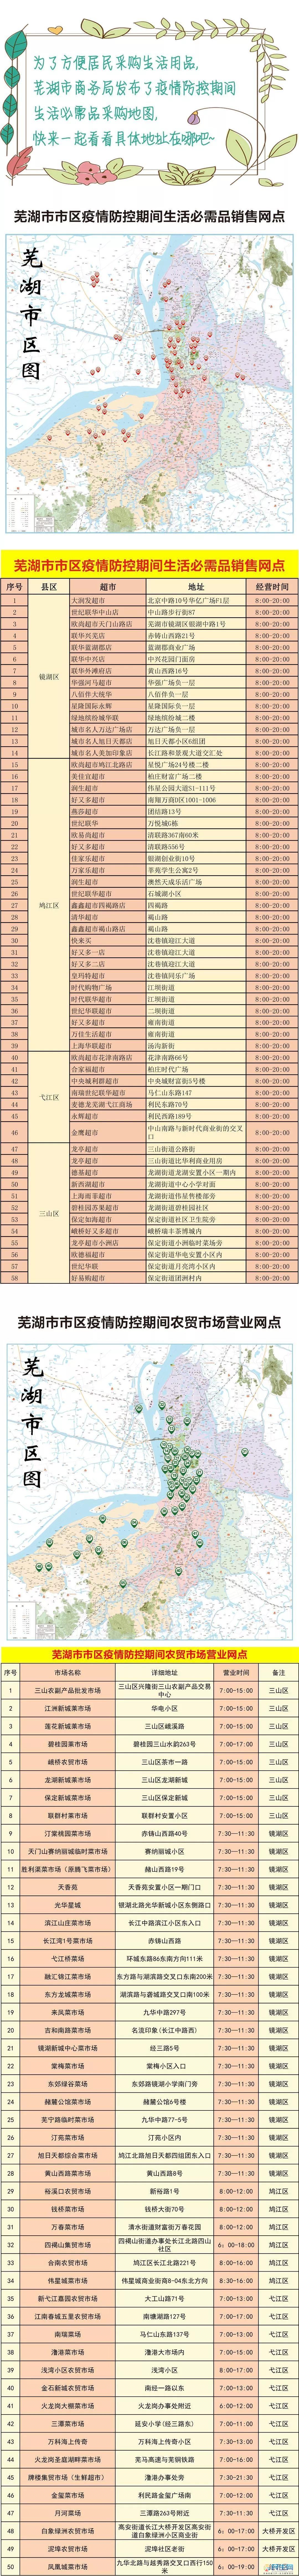 微信图片_20200210163118.jpg